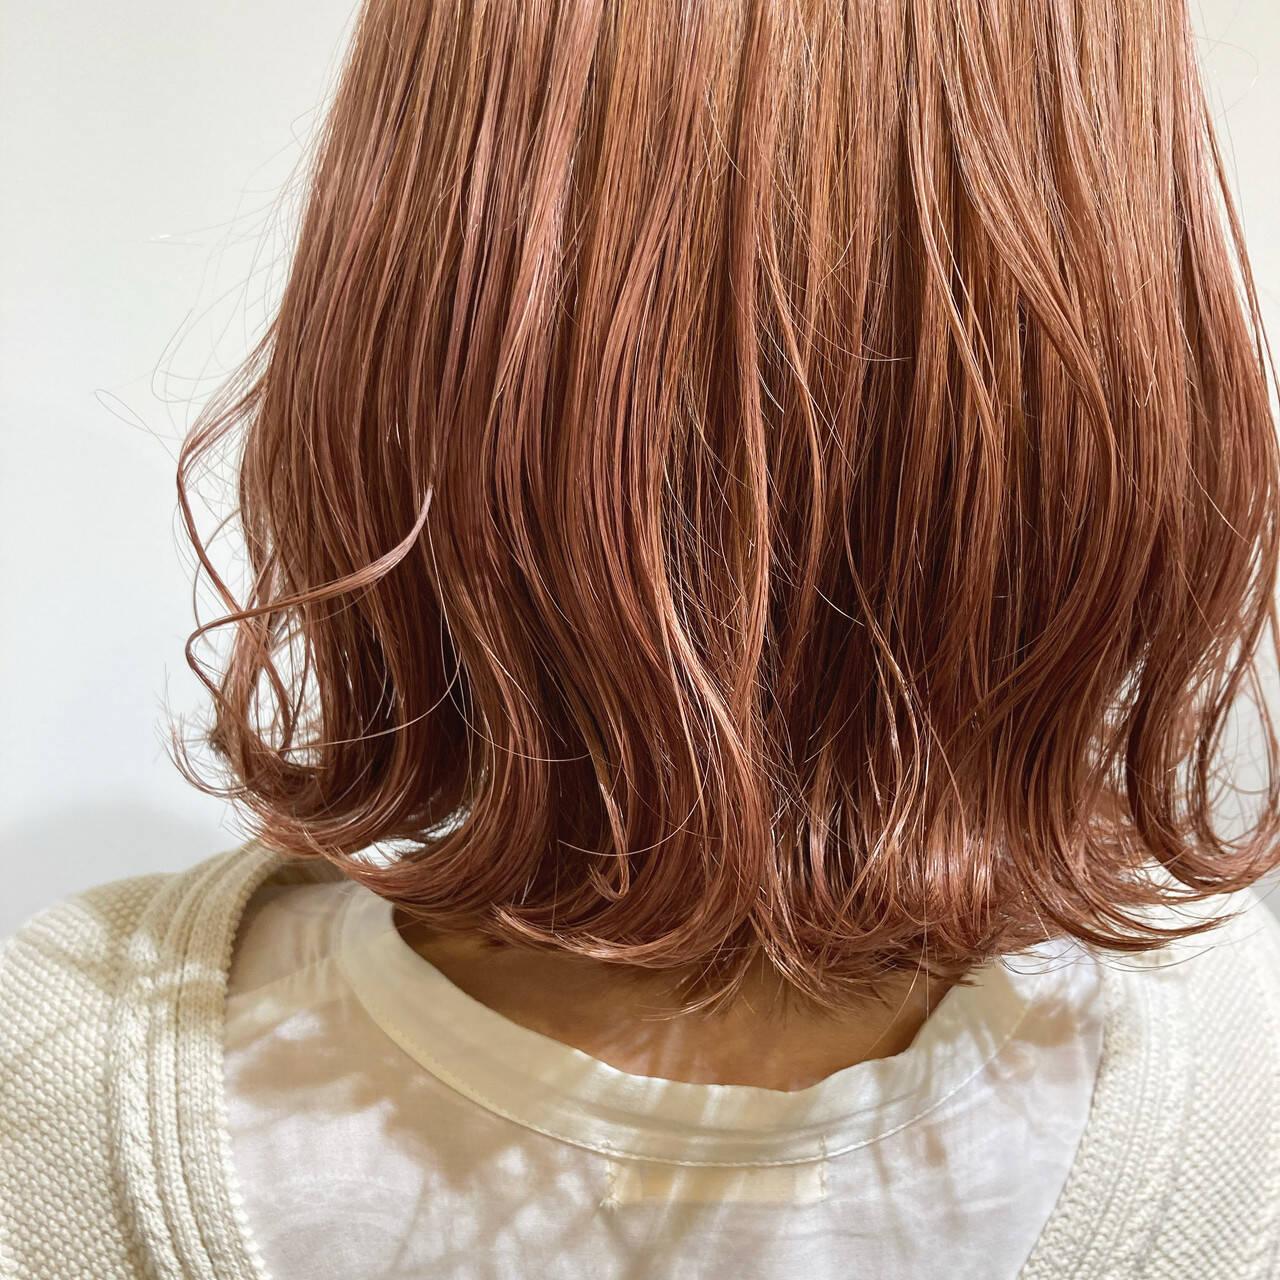 ボブ ダブルカラー ピンクベージュ ハイトーンカラーヘアスタイルや髪型の写真・画像